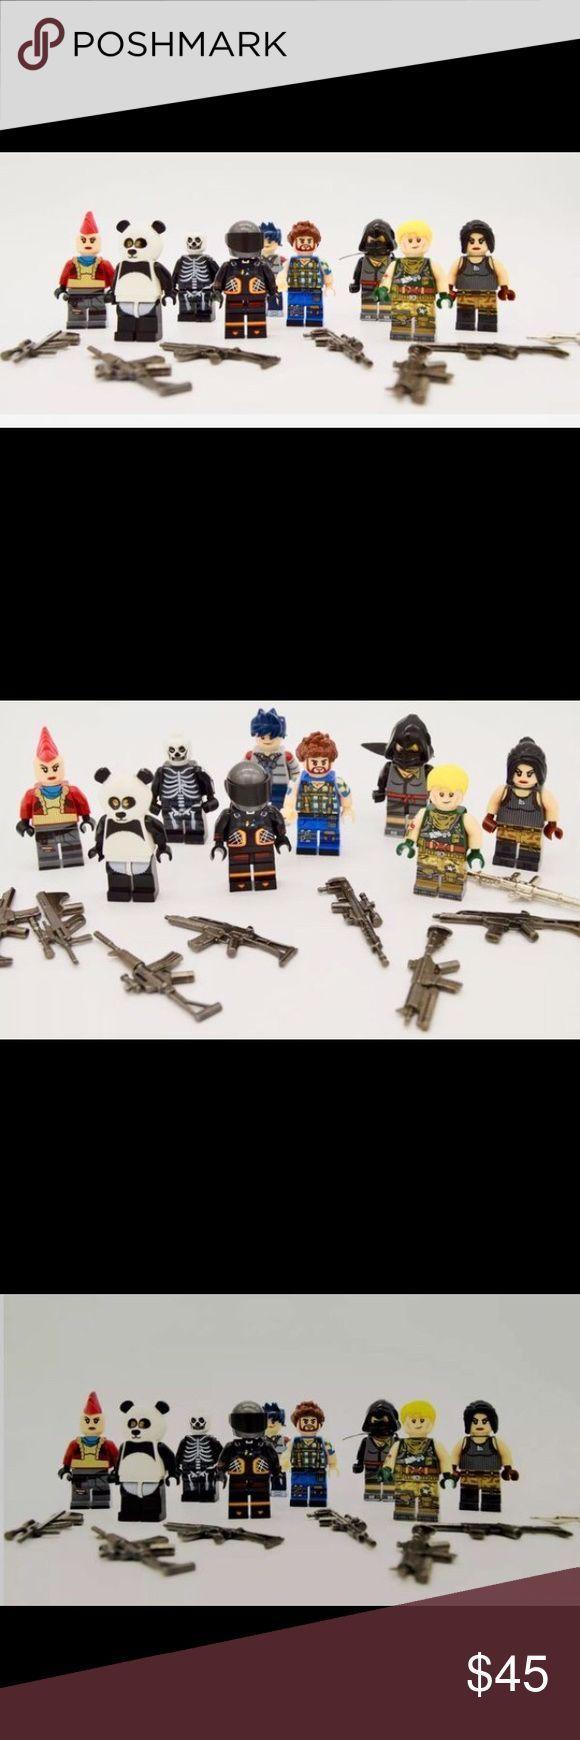 Fortnite LEGO Actionfiguren Set mit 8 LEGO Fortnite Actionfiguren! Mit METAL G ….